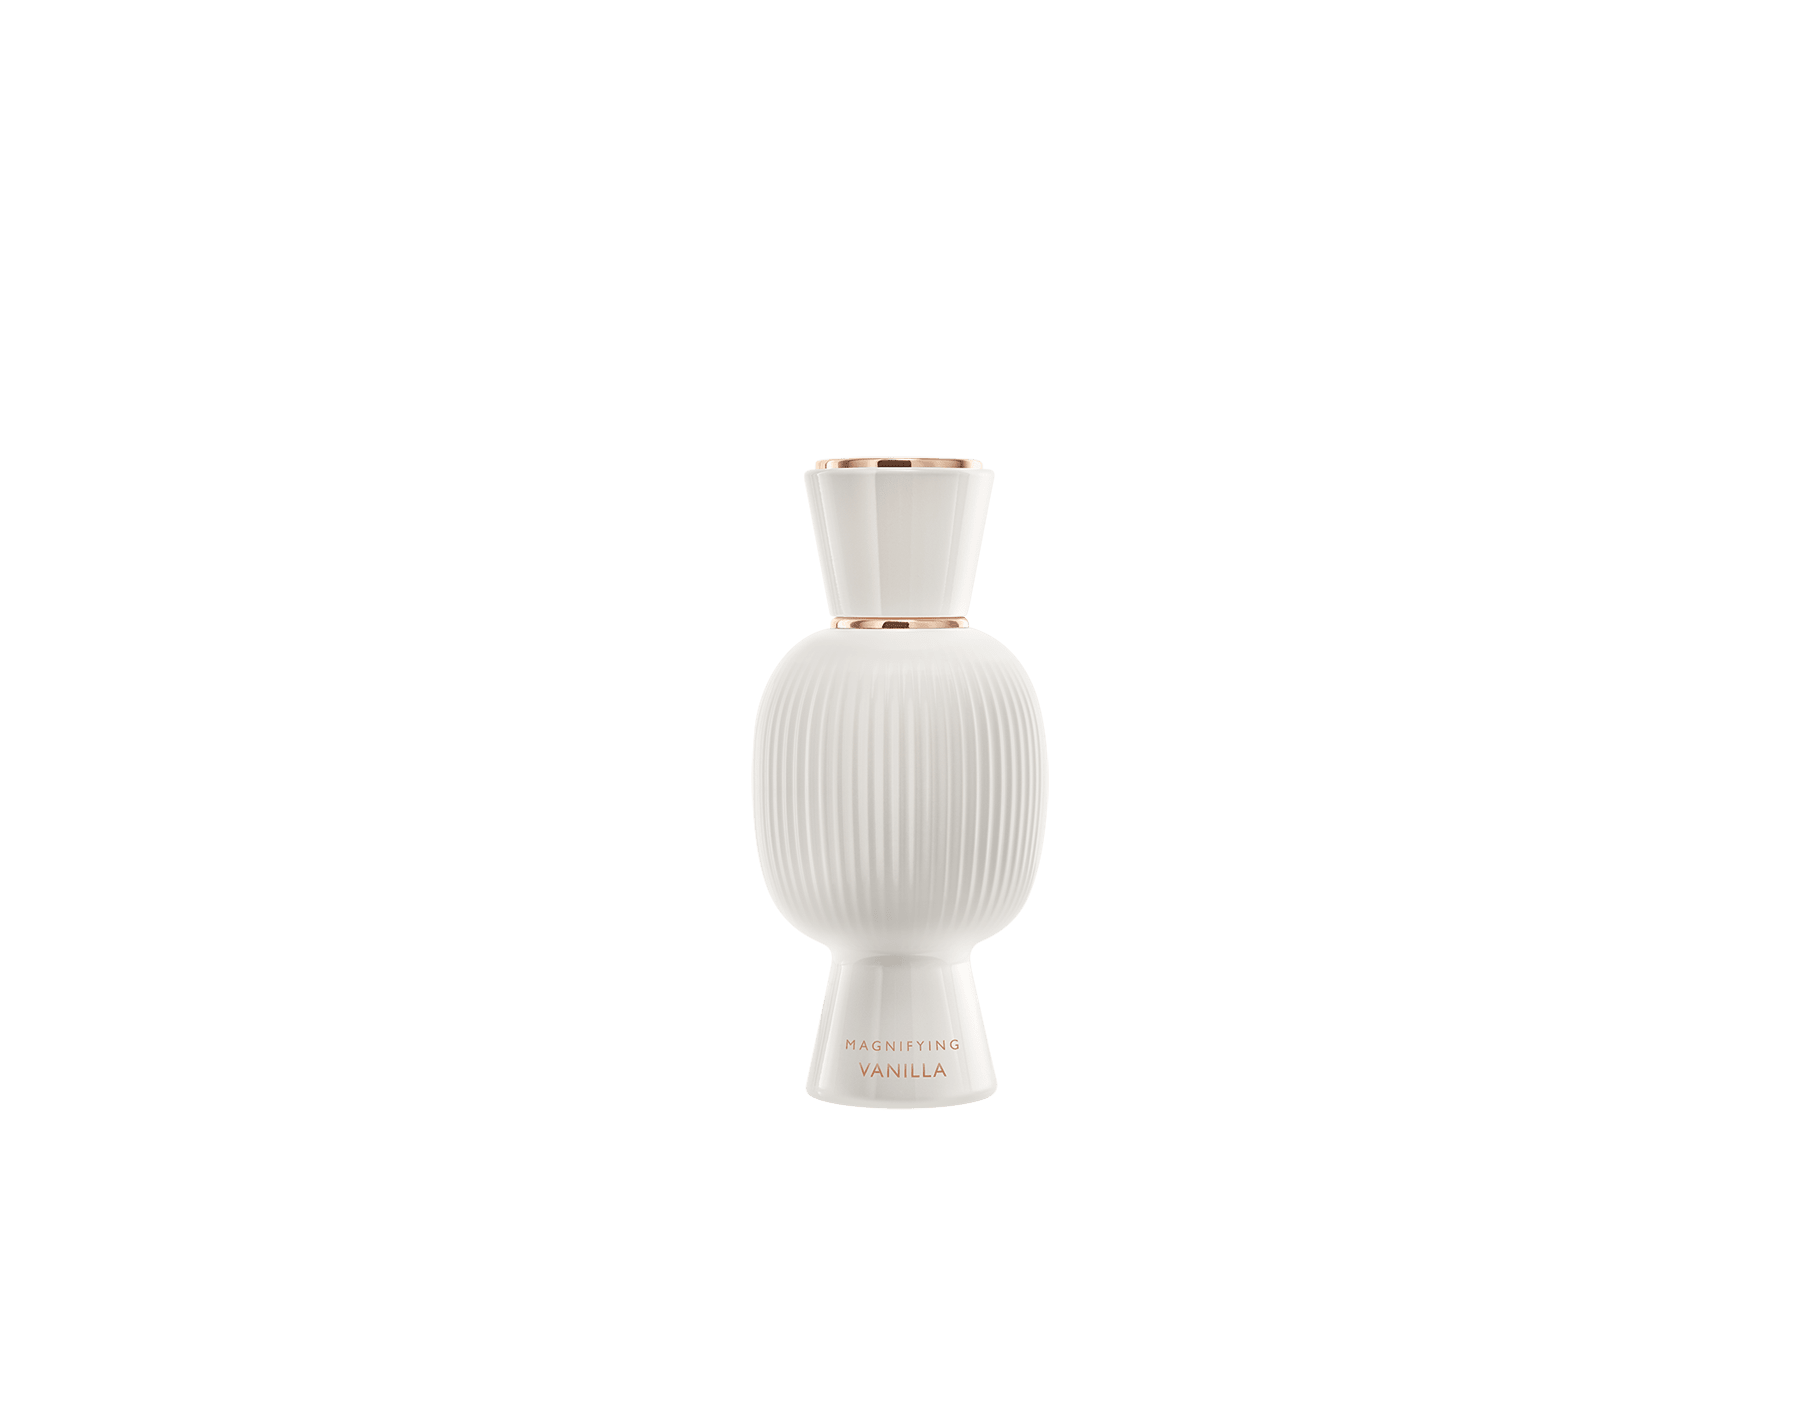 Un coffret de parfums exclusif, aussi unique et audacieux que vous. Magnifique et florale, l'Eau de Parfum Allegra Fiori d'Amore se mêle aux arômes addictifs de l'essence du Magnifying Vanilla pour donner vie à une irrésistible fragrance personnalisée. Perfume-Set-Fiori-d-Amore-Eau-de-Parfum-and-Vanilla-Magnifying image 3